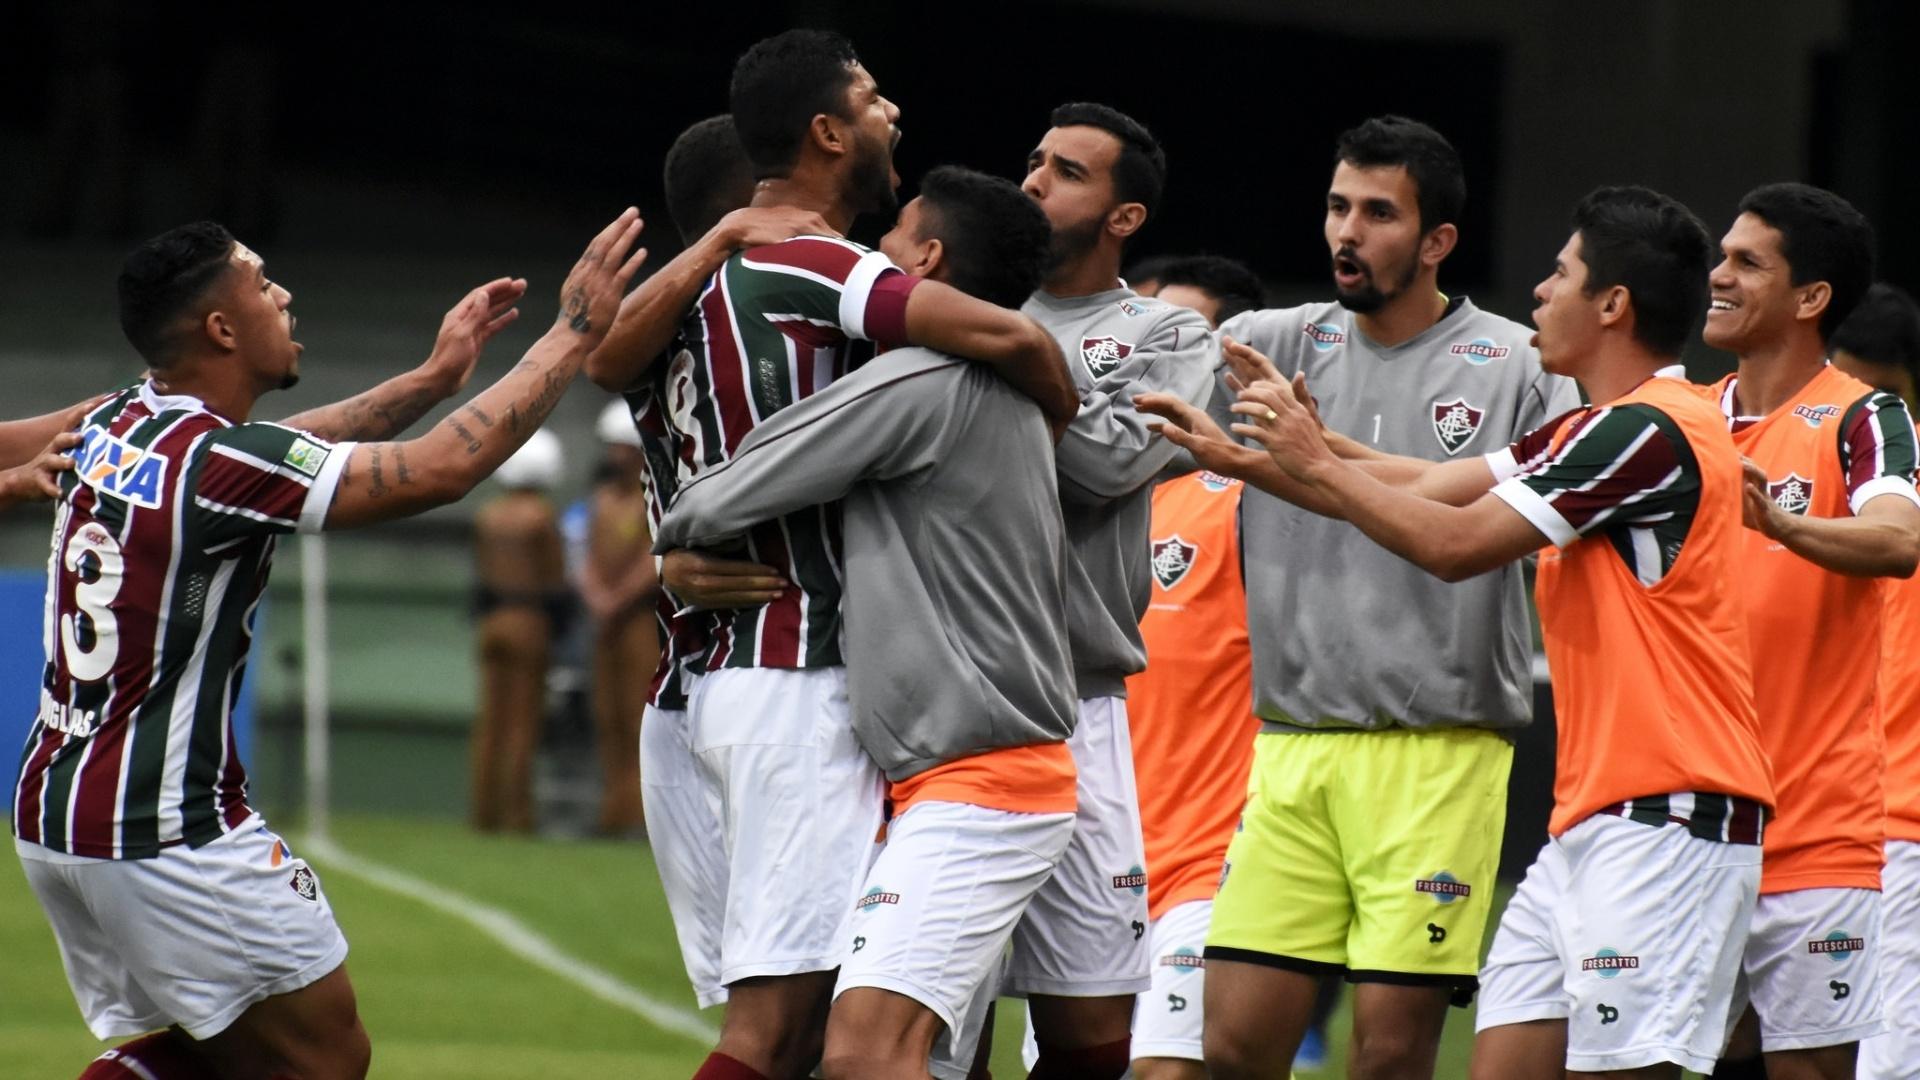 Gum abre o placar para o Fluminense contra o Coritiba